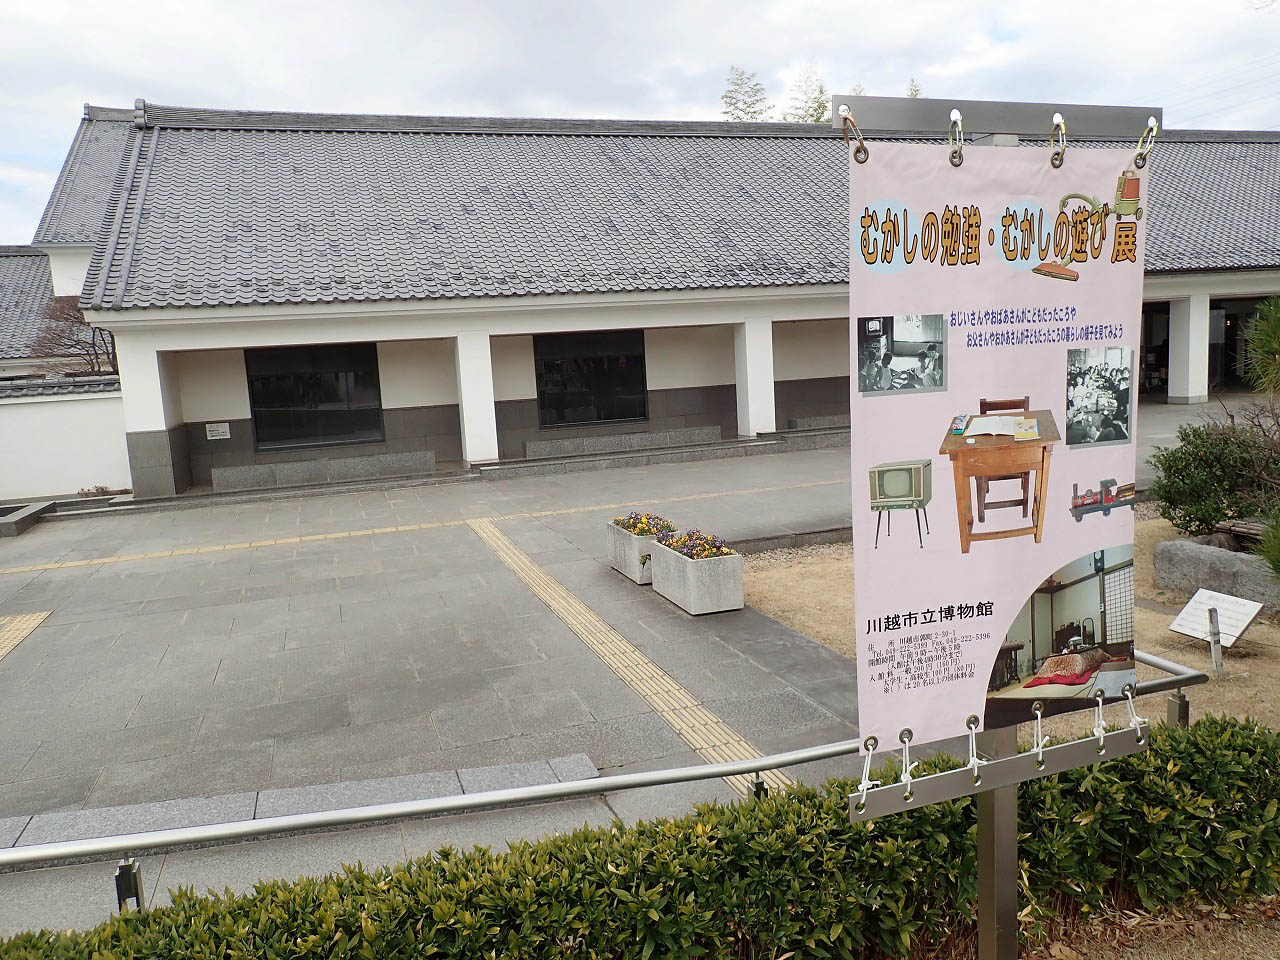 『第30回むかしの勉強・むかしの遊び展』を実施している川越市立博物館